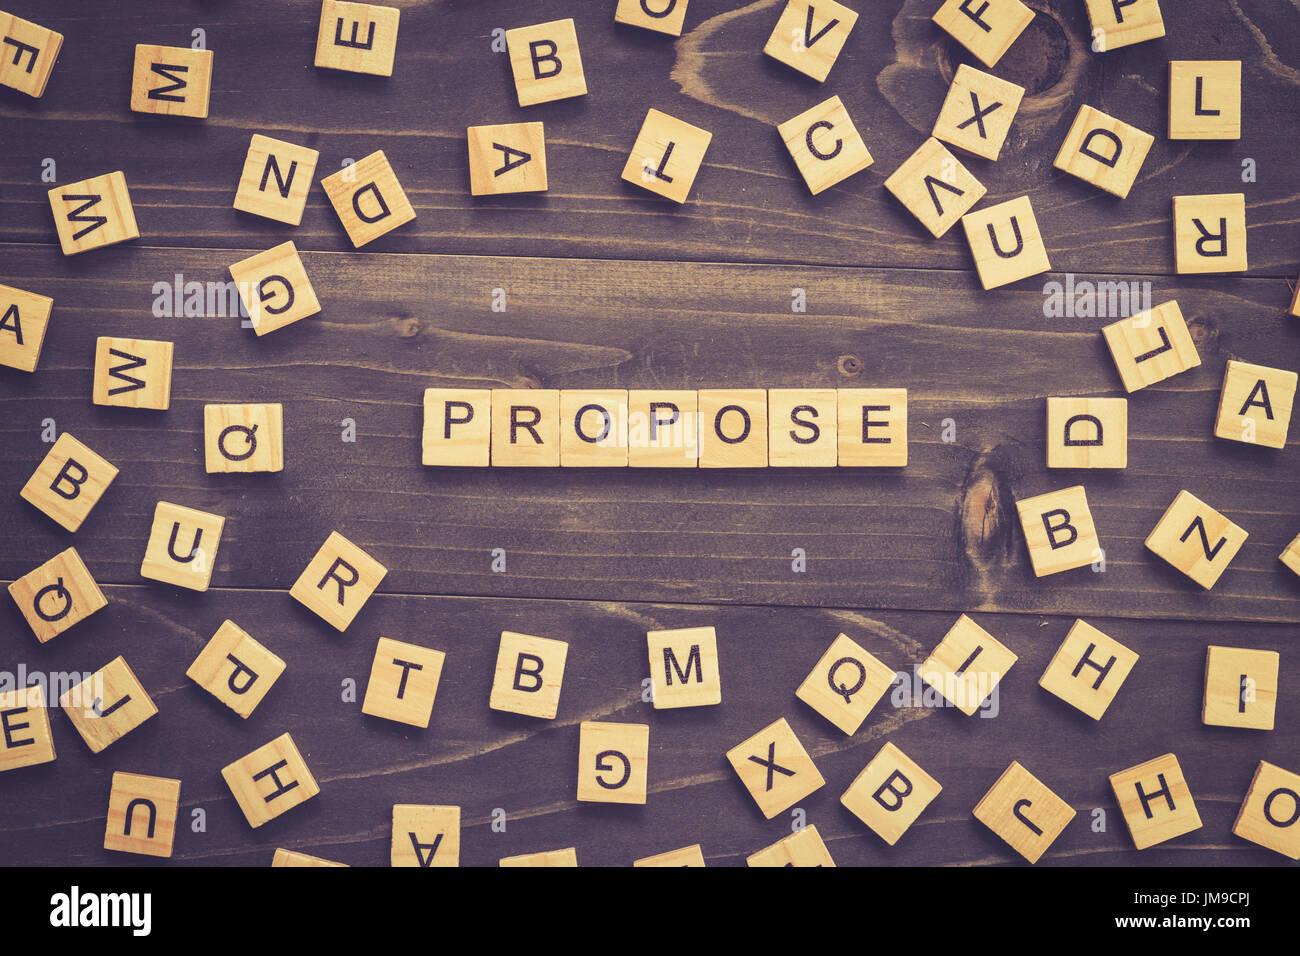 Wort-Holz-Block auf Tisch für Business-Konzept vorschlagen. Stockbild